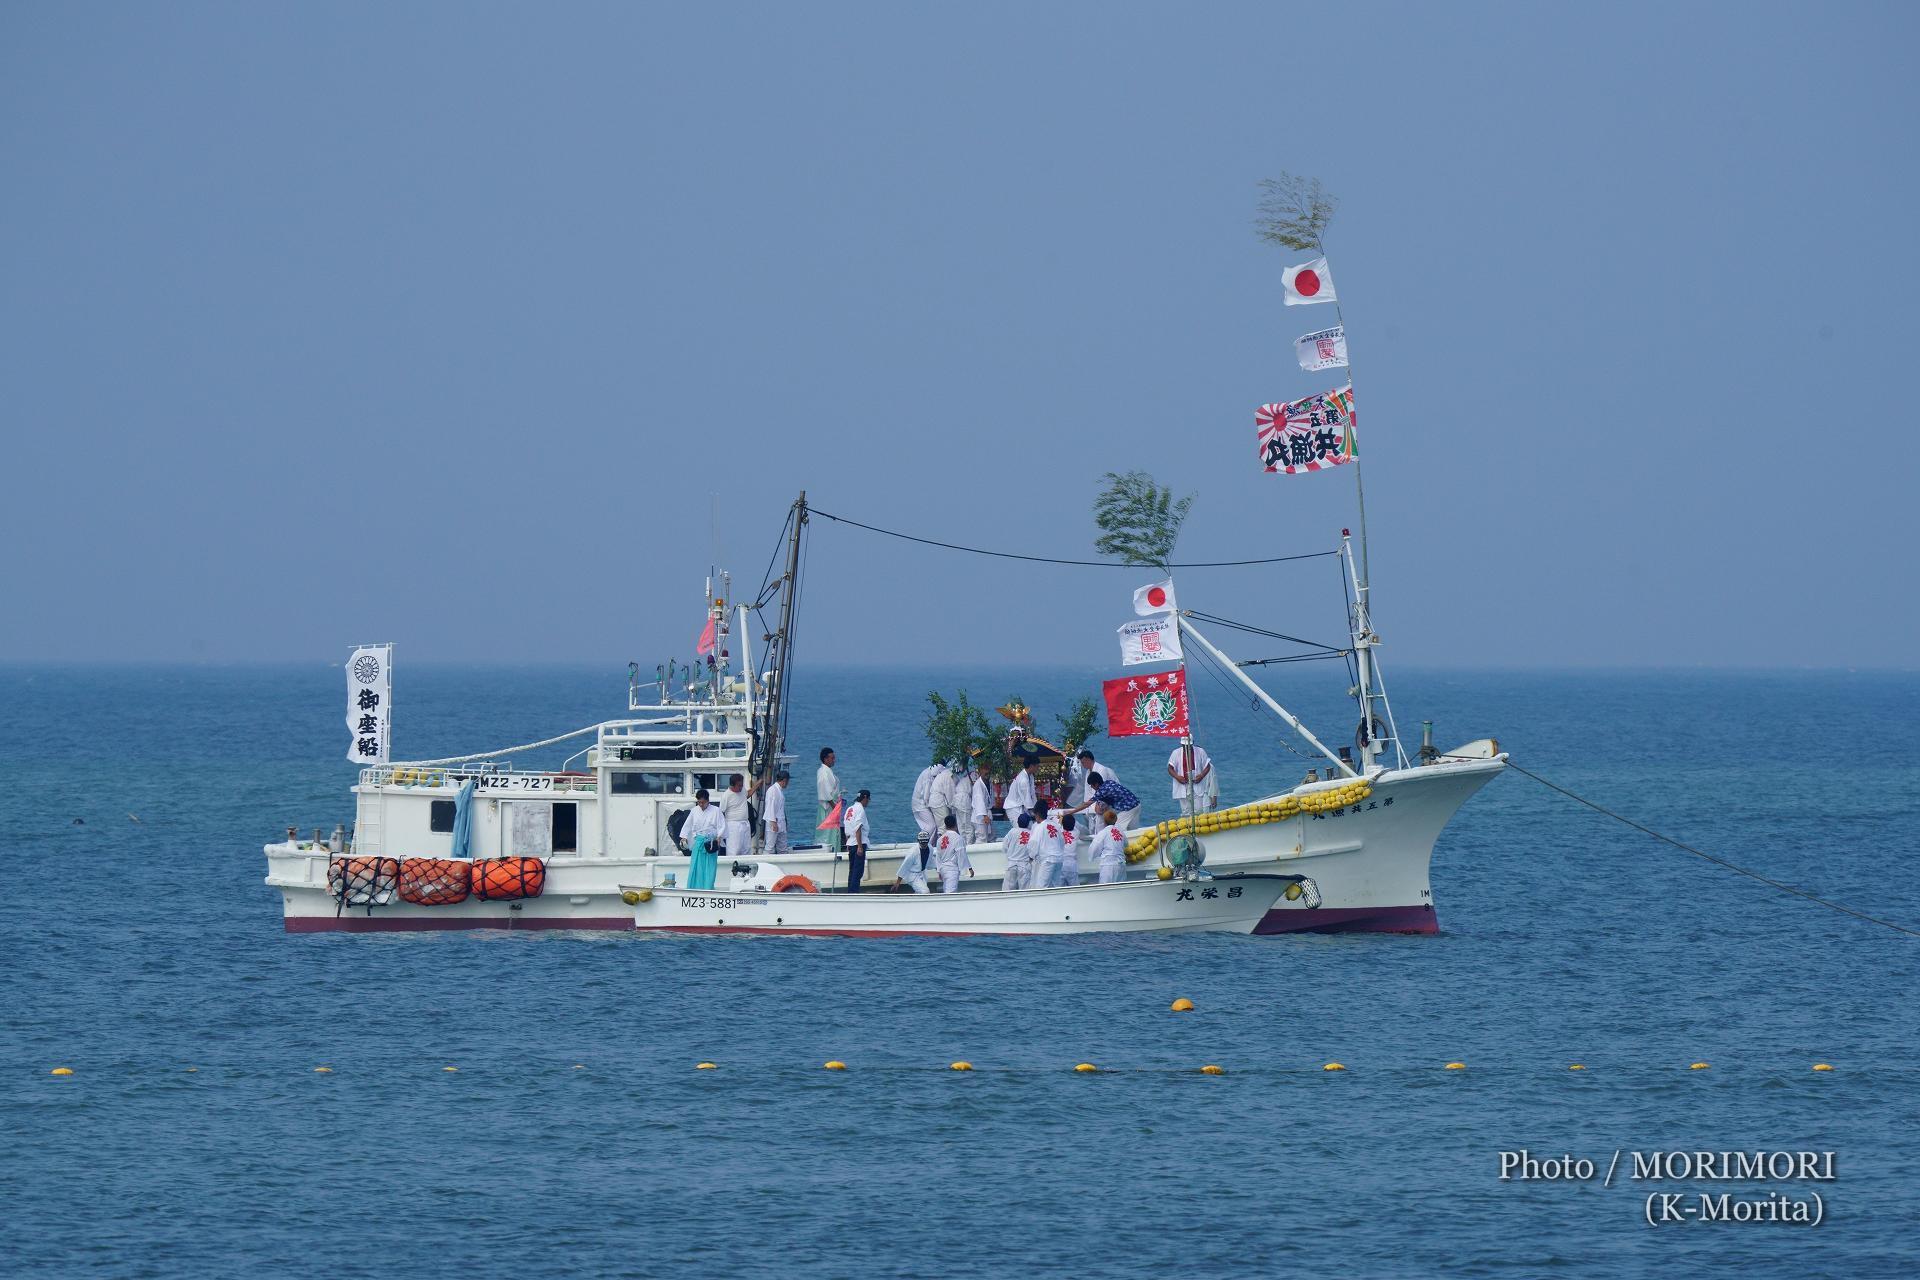 令和元年 2019年度 海を渡る祭礼 01